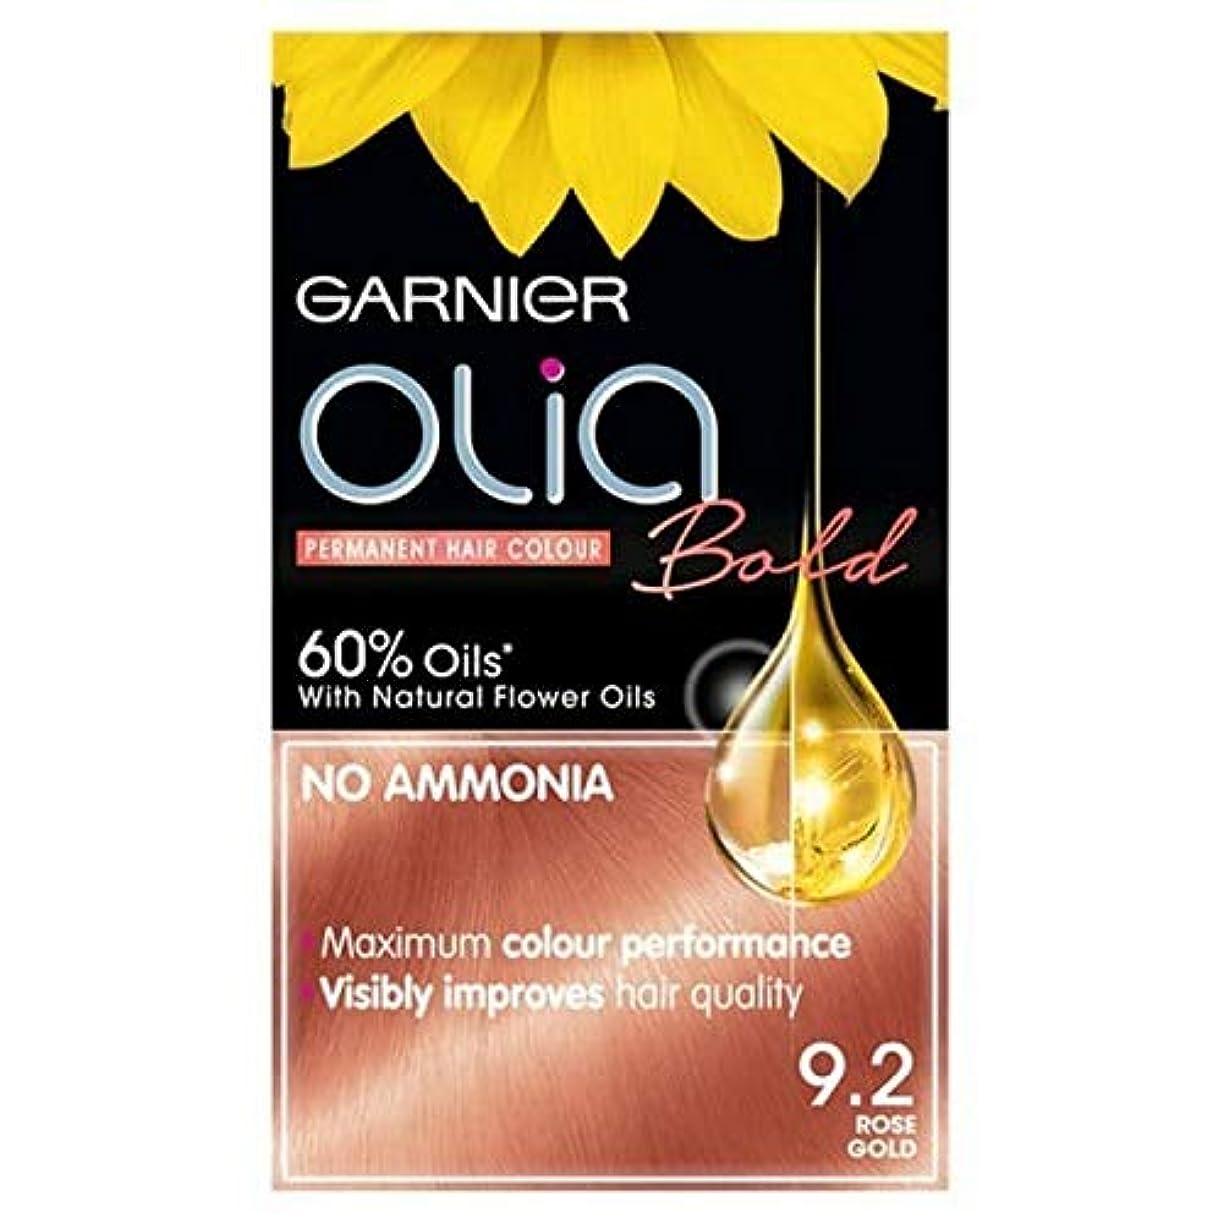 家庭教師完璧な解決[Garnier ] ガルニエOlia大胆永久染毛剤には、金9.2ローズ - Garnier Olia Bold Permanent Hair Dye Rose Gold 9.2 [並行輸入品]